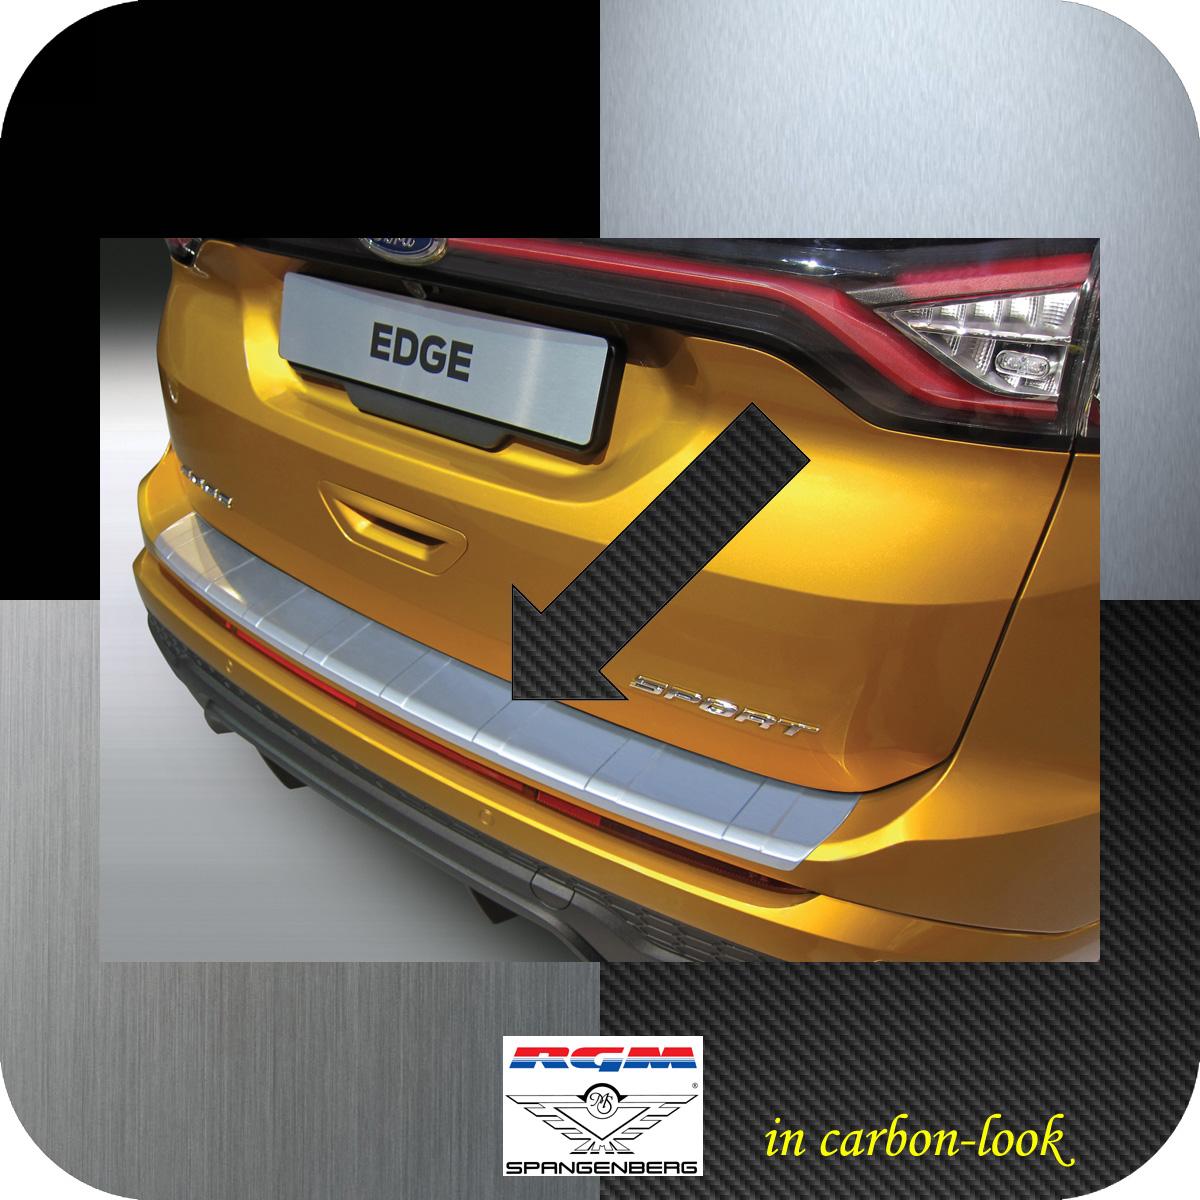 Ladekantenschutz Carbon-Look gerippt Ford Edge II vor facelift 2016-18 3509965